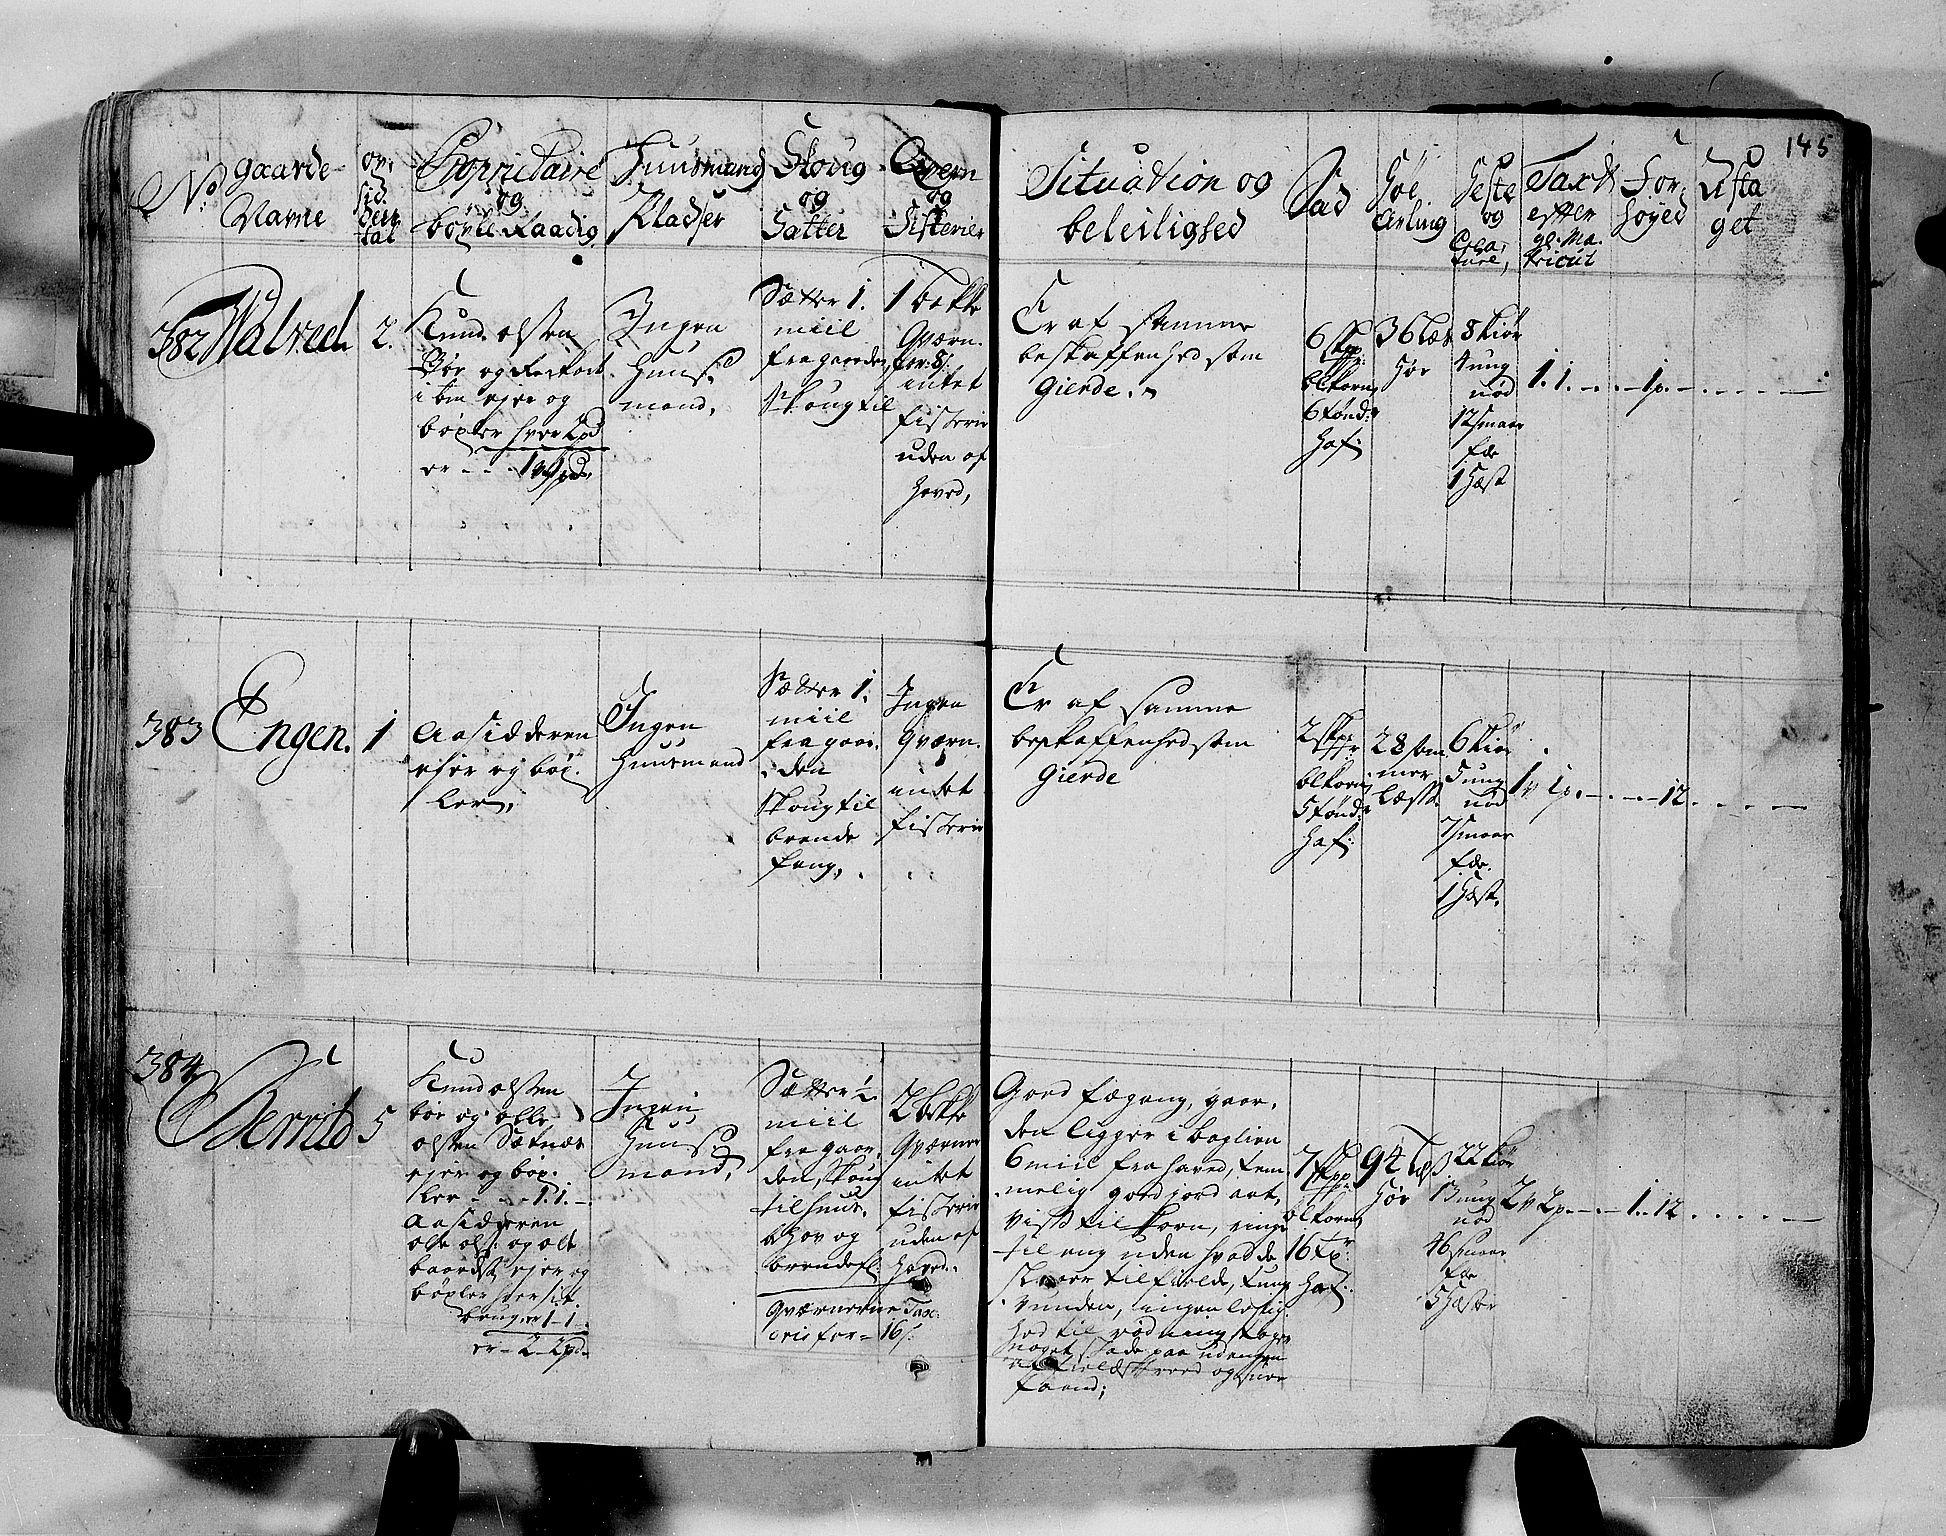 RA, Rentekammeret inntil 1814, Realistisk ordnet avdeling, N/Nb/Nbf/L0152: Romsdal eksaminasjonsprotokoll, 1724, s. 143